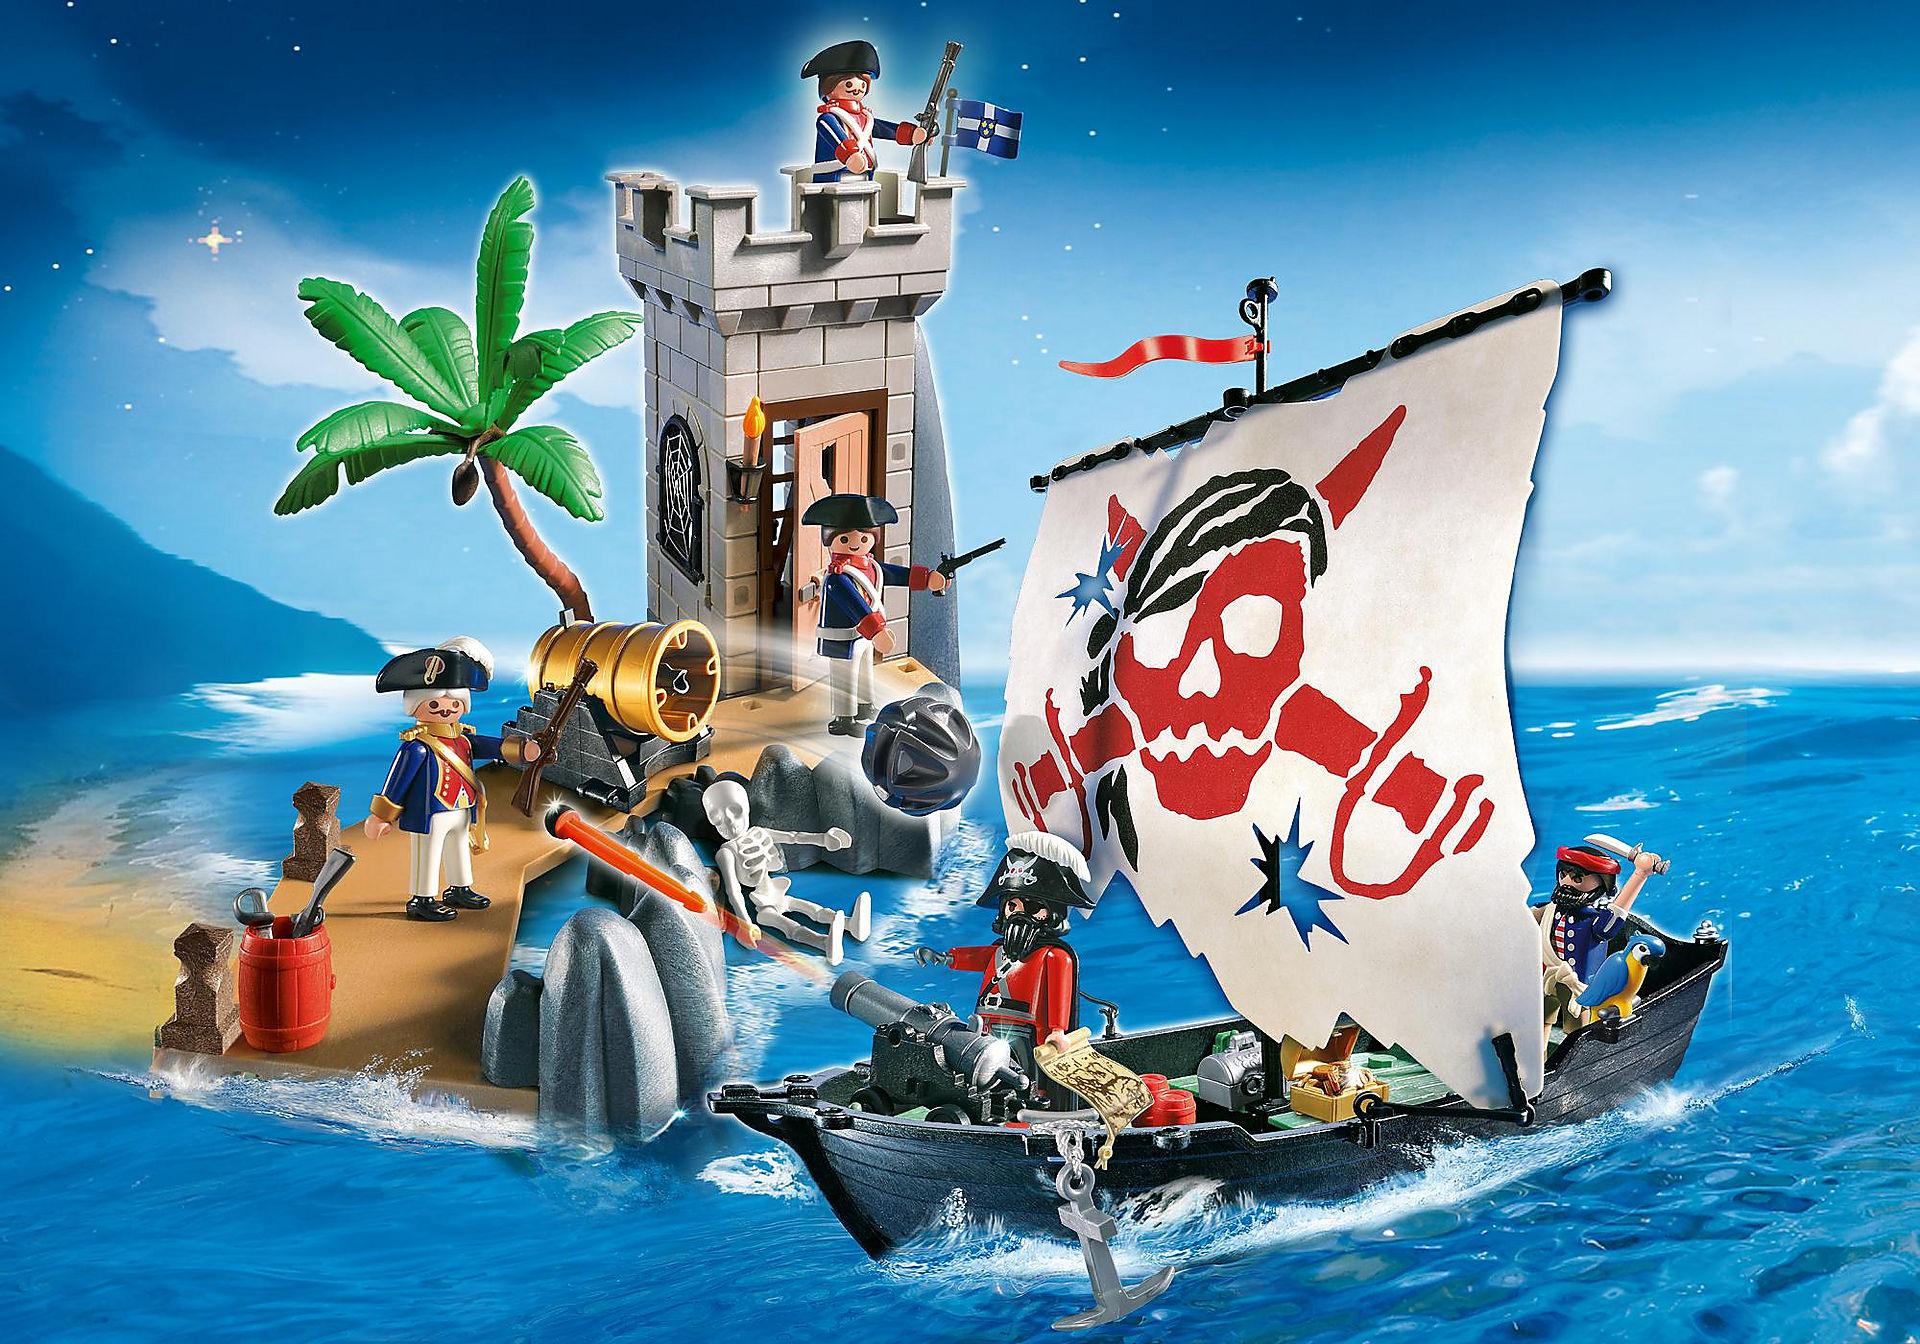 5919 Piratenangriff auf die Soldatenbastion zoom image1